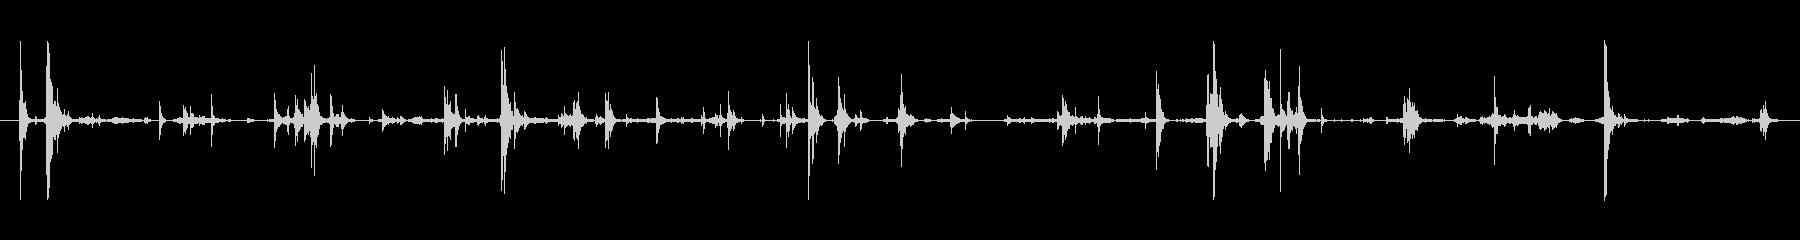 メタル プレートへこみ処理03の未再生の波形